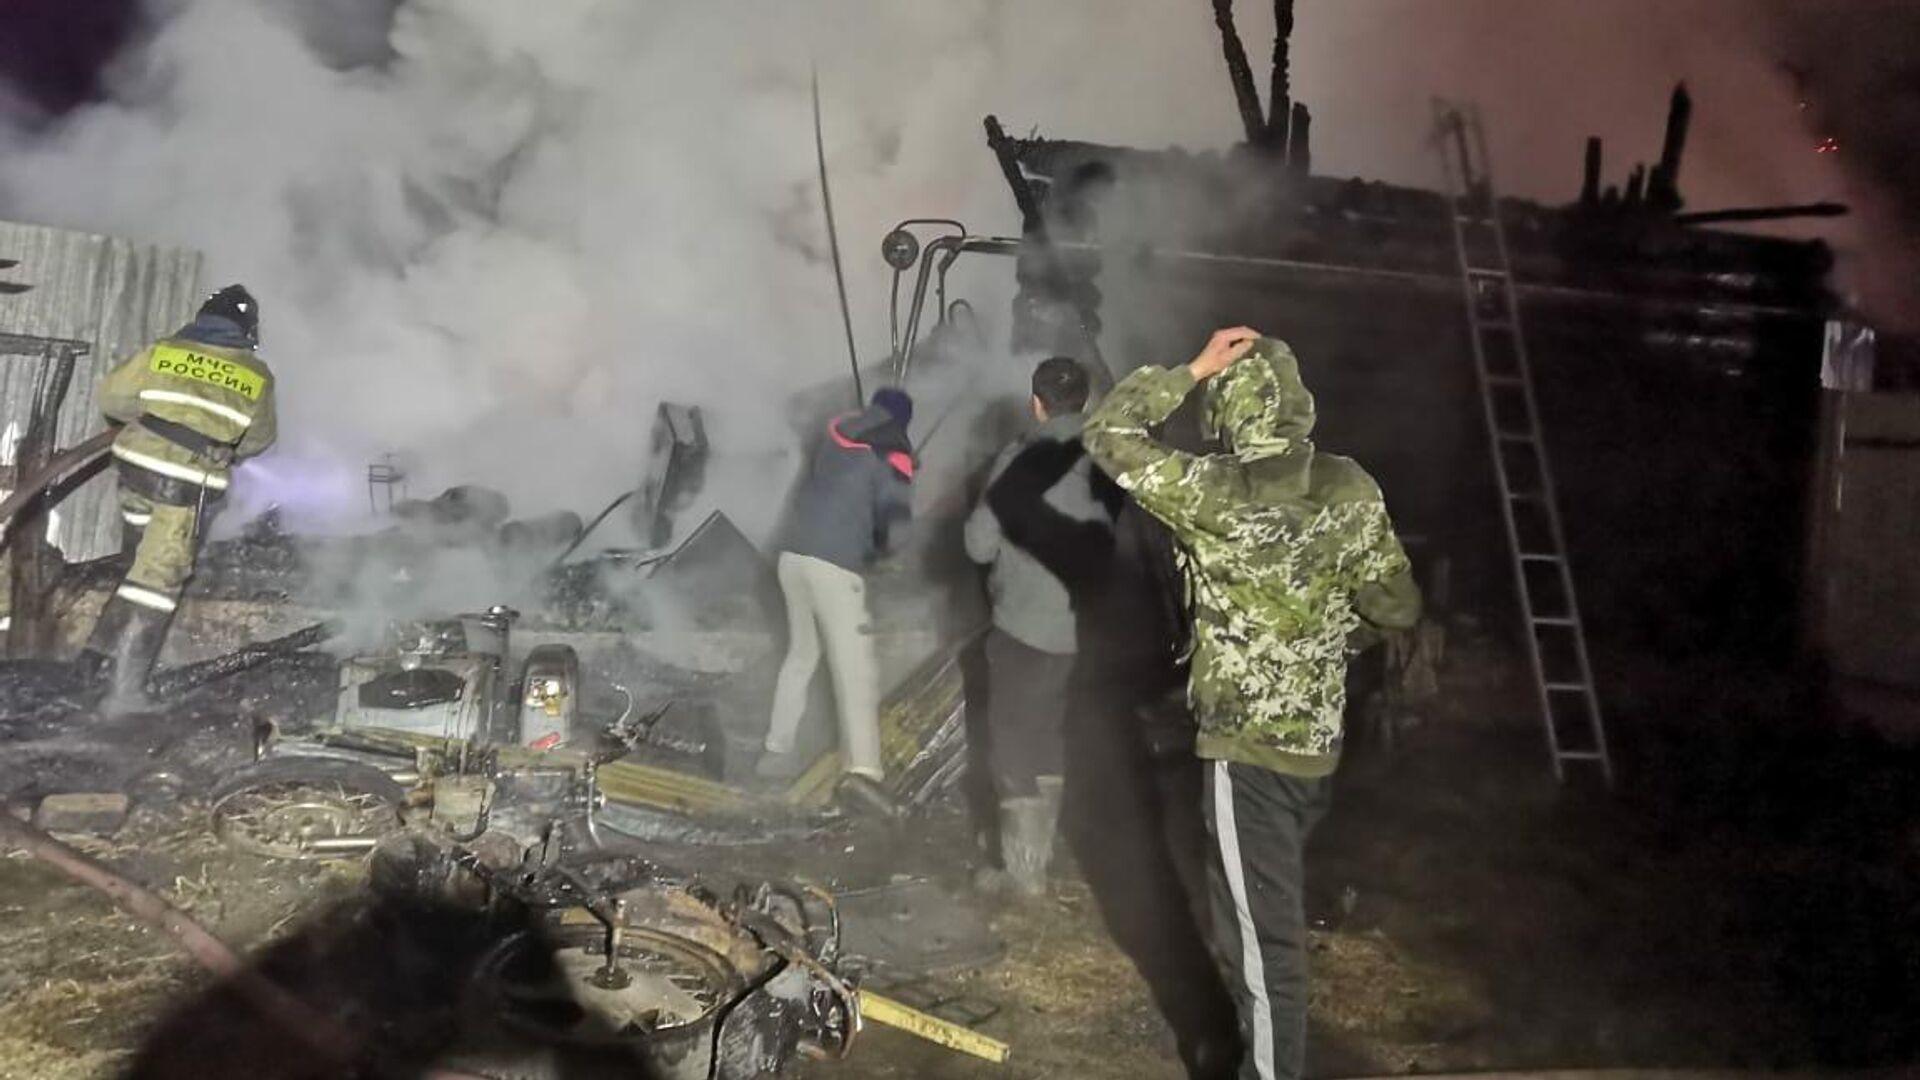 Тушение пожара в доме милосердия по улице Кизильской в селе Ишбулдино, Башкирия - РИА Новости, 1920, 15.12.2020